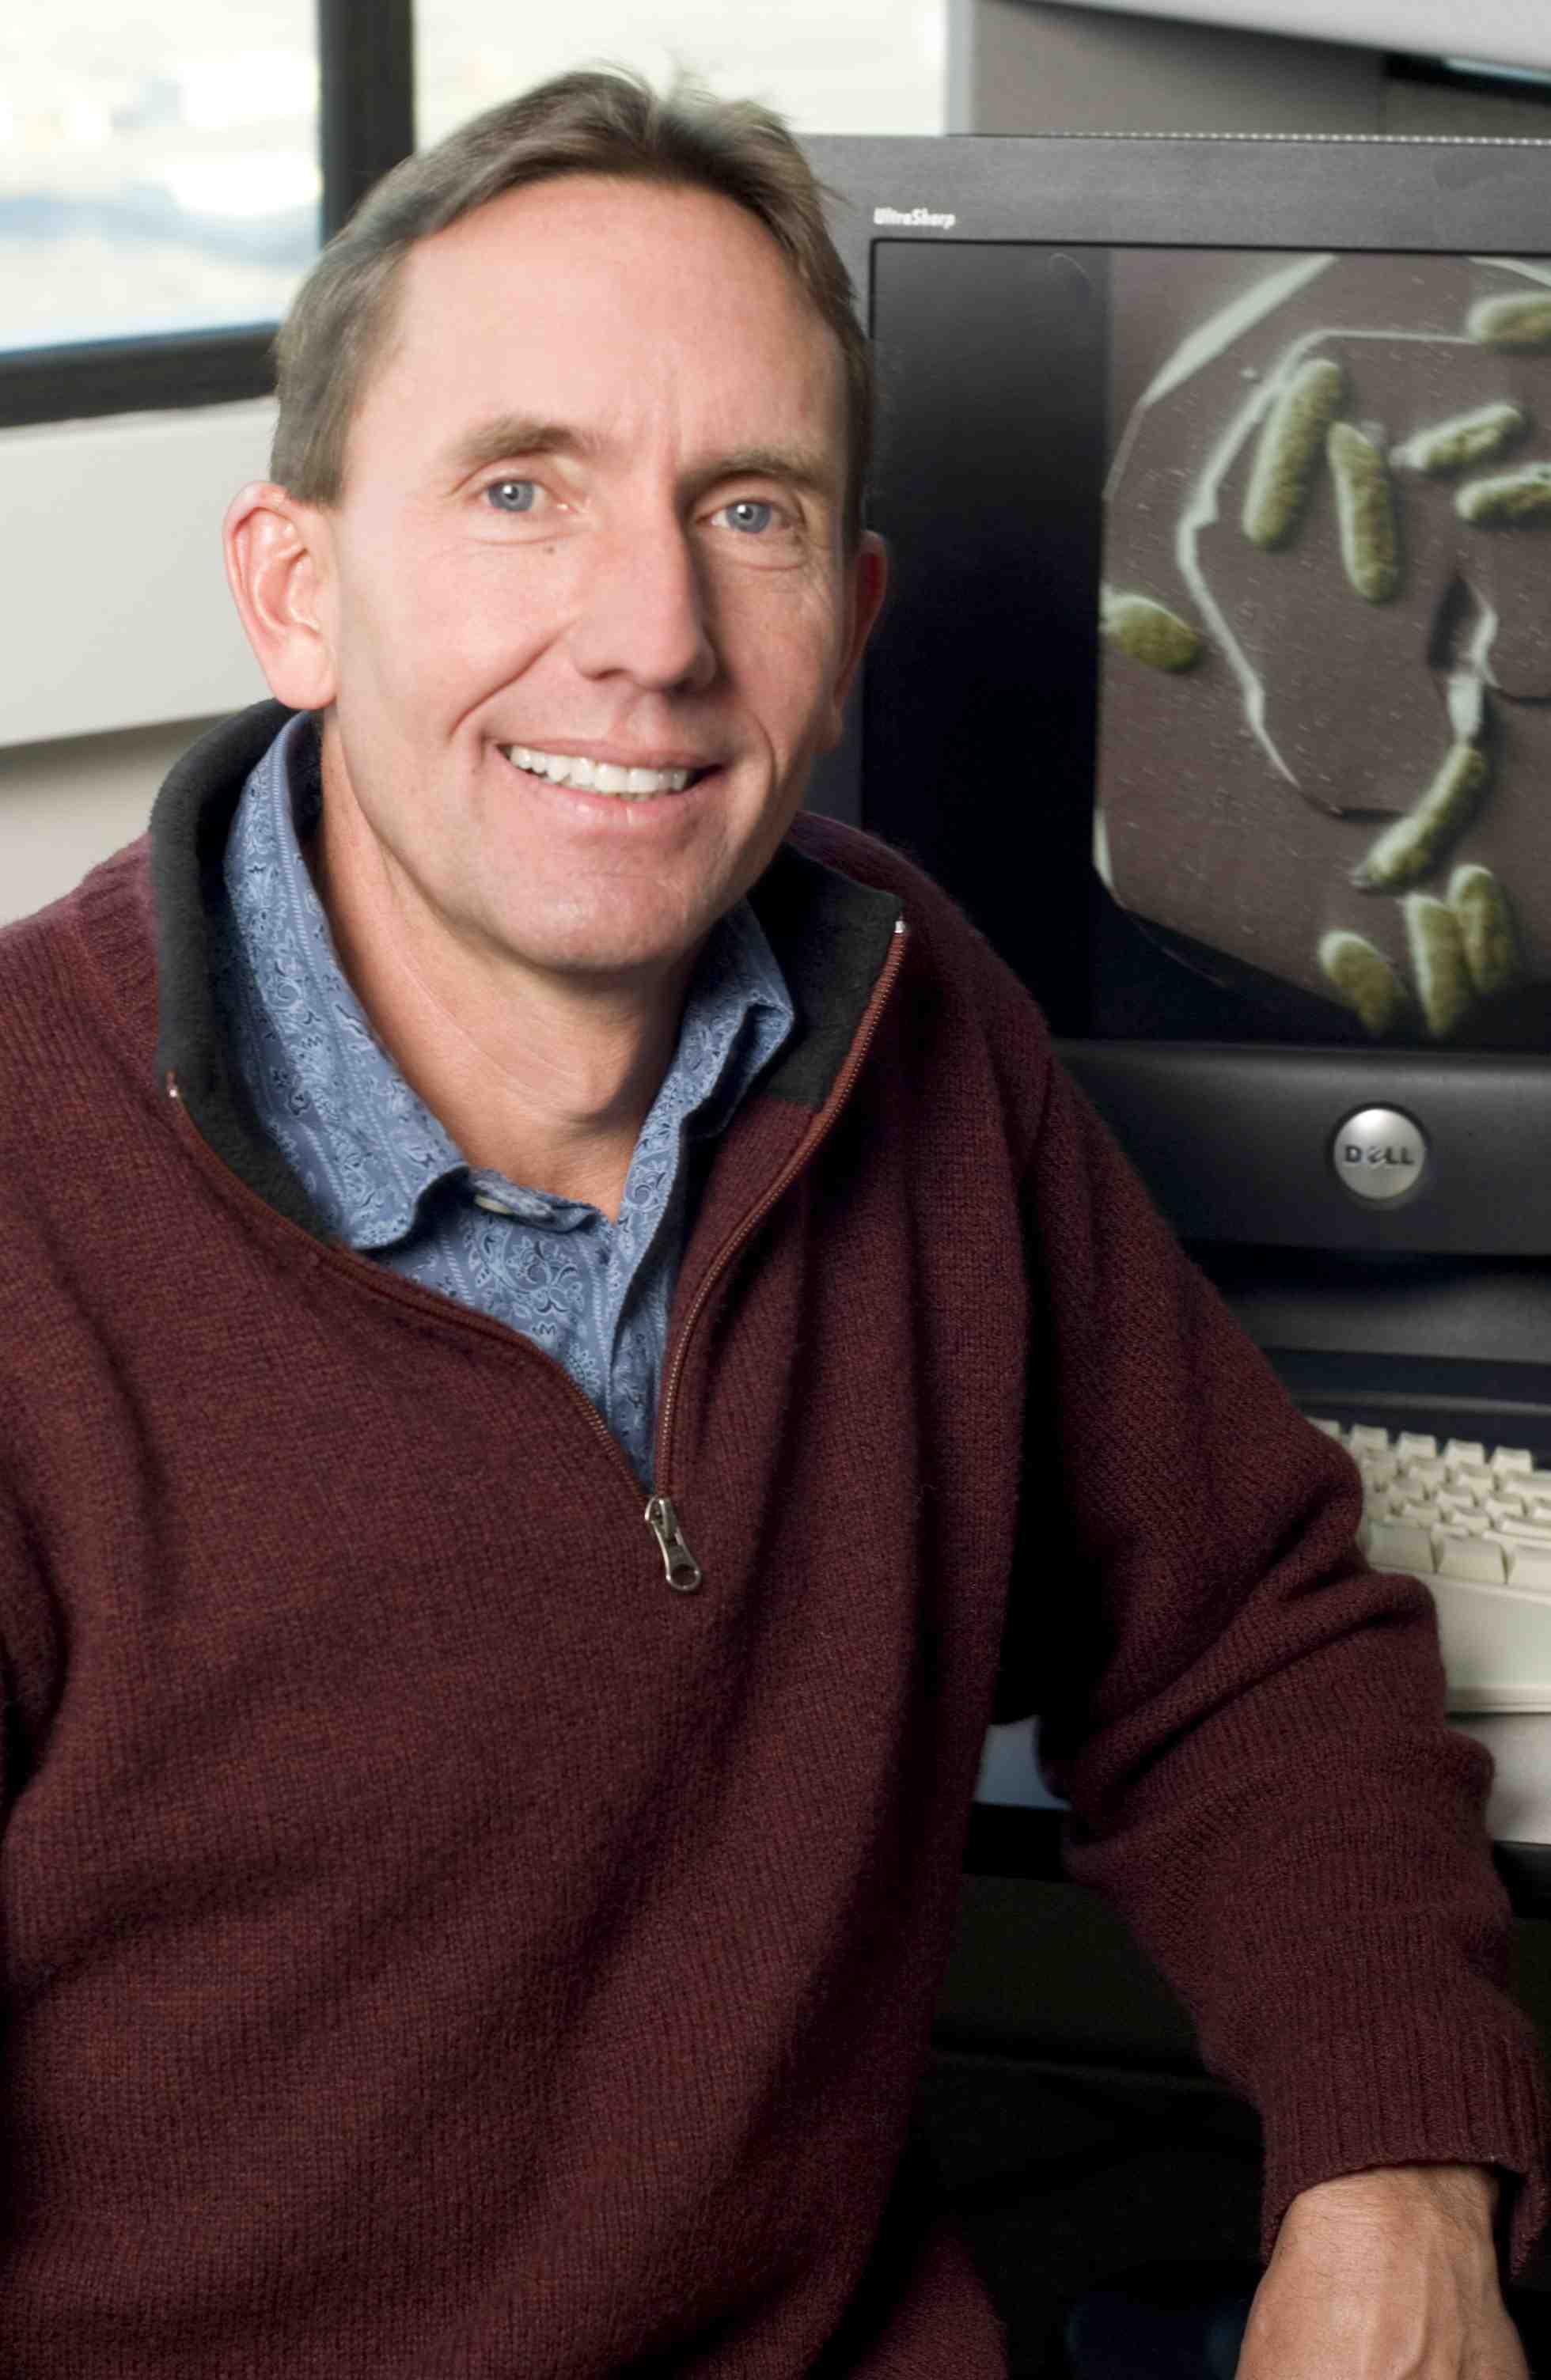 Dr. Jim Fredrickson